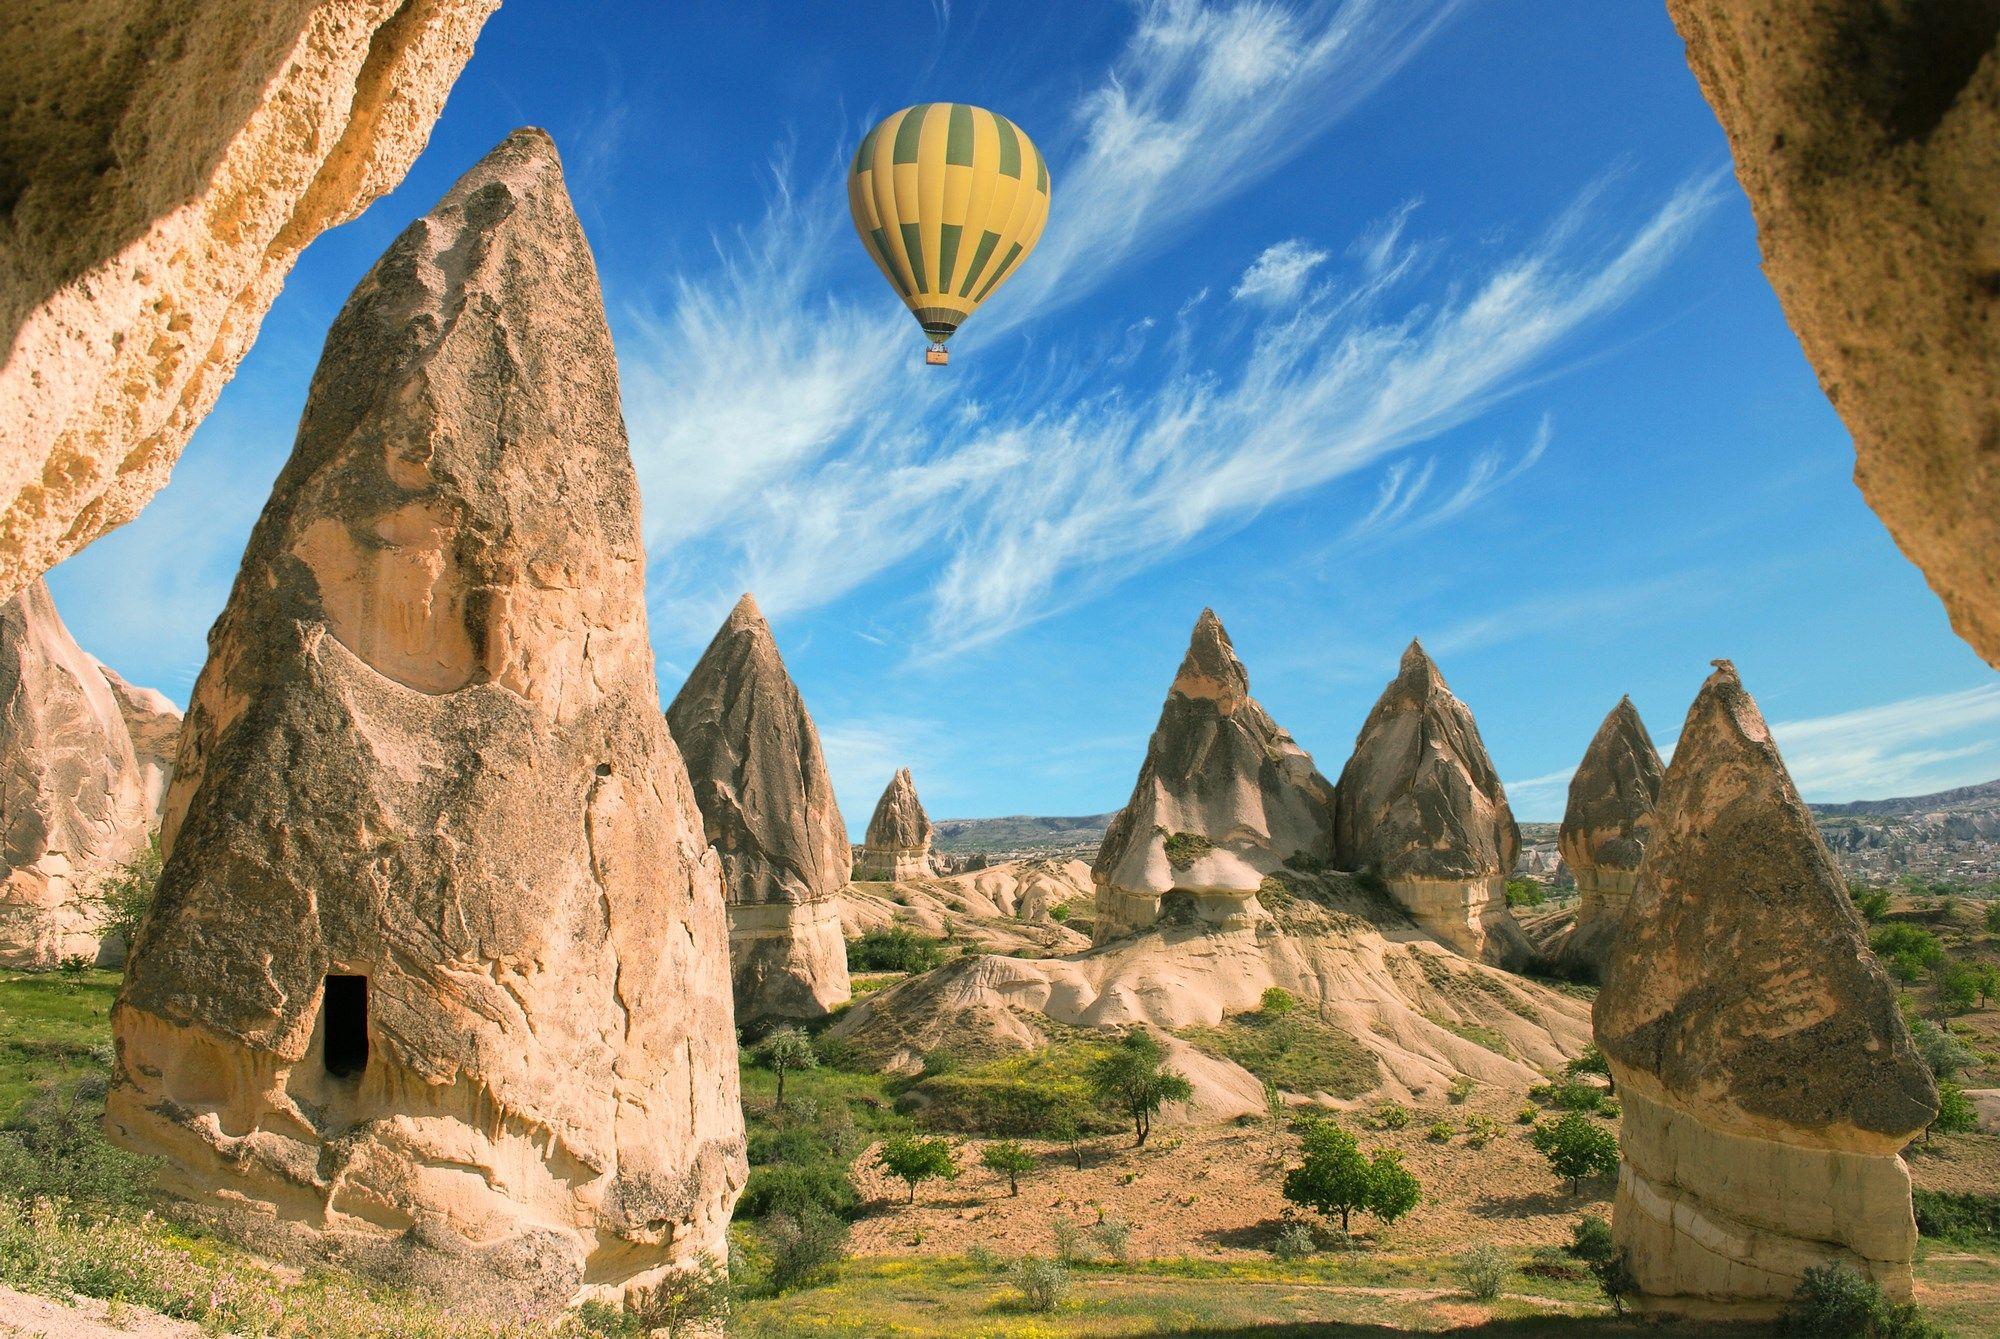 Las excursiones en globo por encima de los paisajes de Capadocia son imprescindibles cuando se viaja a Turquía.